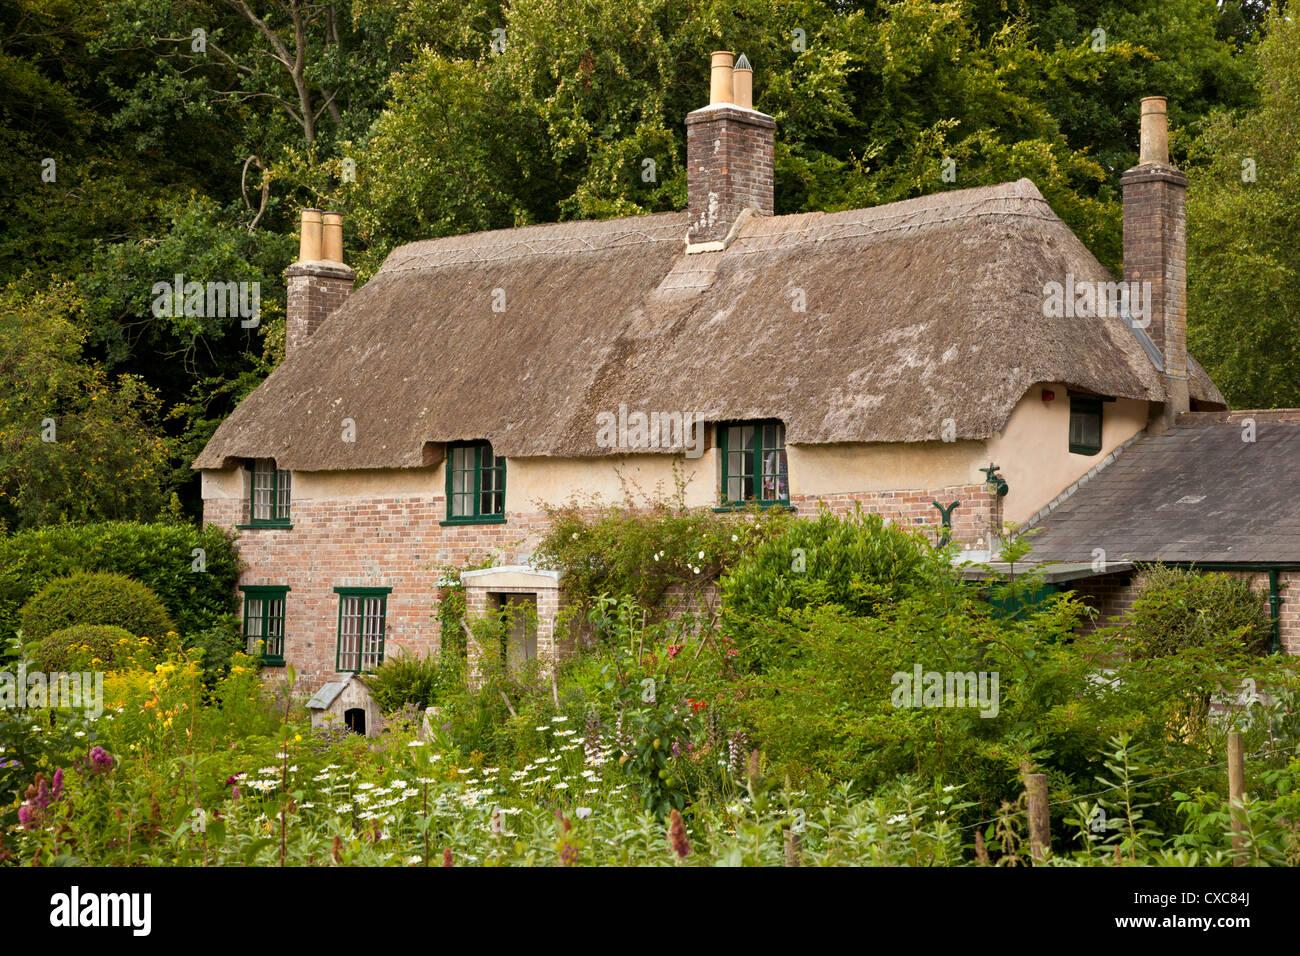 Thomas Hardy's cottage, Higher Bockhampton, near Dorchester, Dorset, England, United Kingdom, Europe - Stock Image